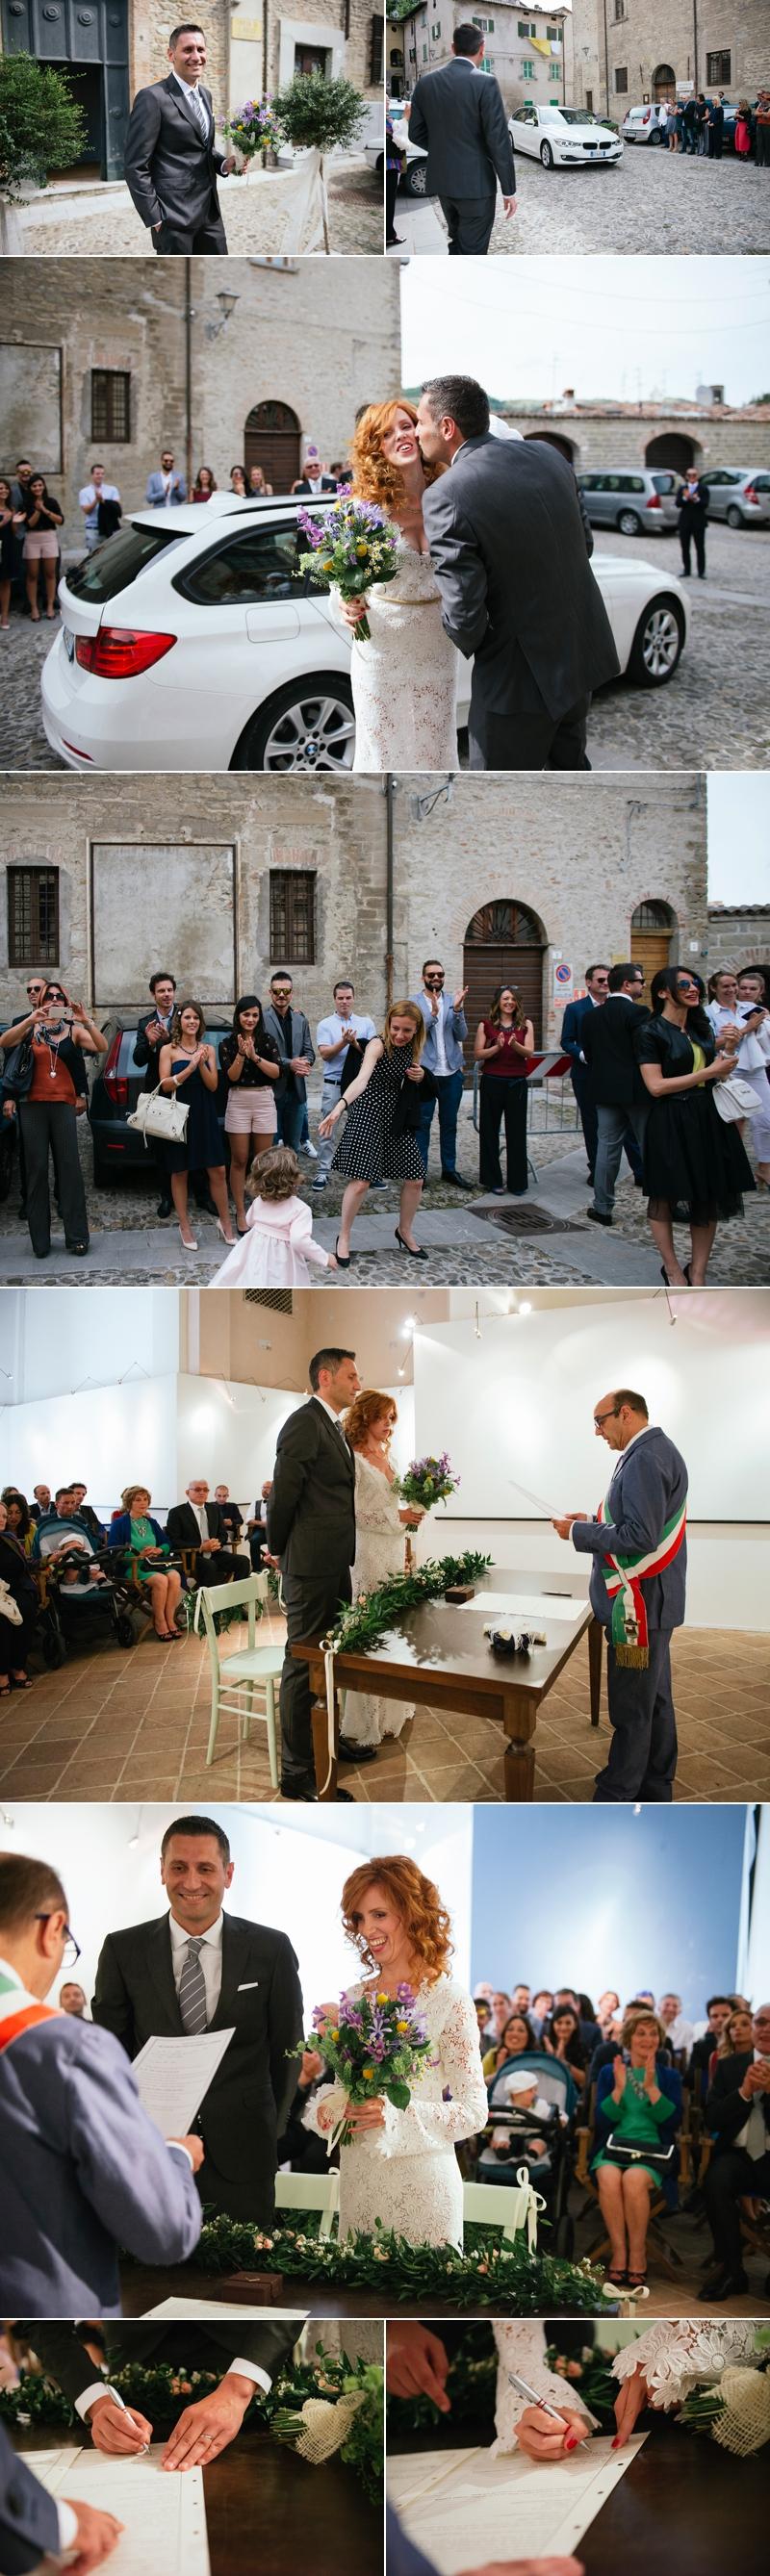 fotografo-matrimonio-chiesa-san-rocco-borghetto-di-brola-modigliana-forli-cesena-bologna-valentina-cavallini 4